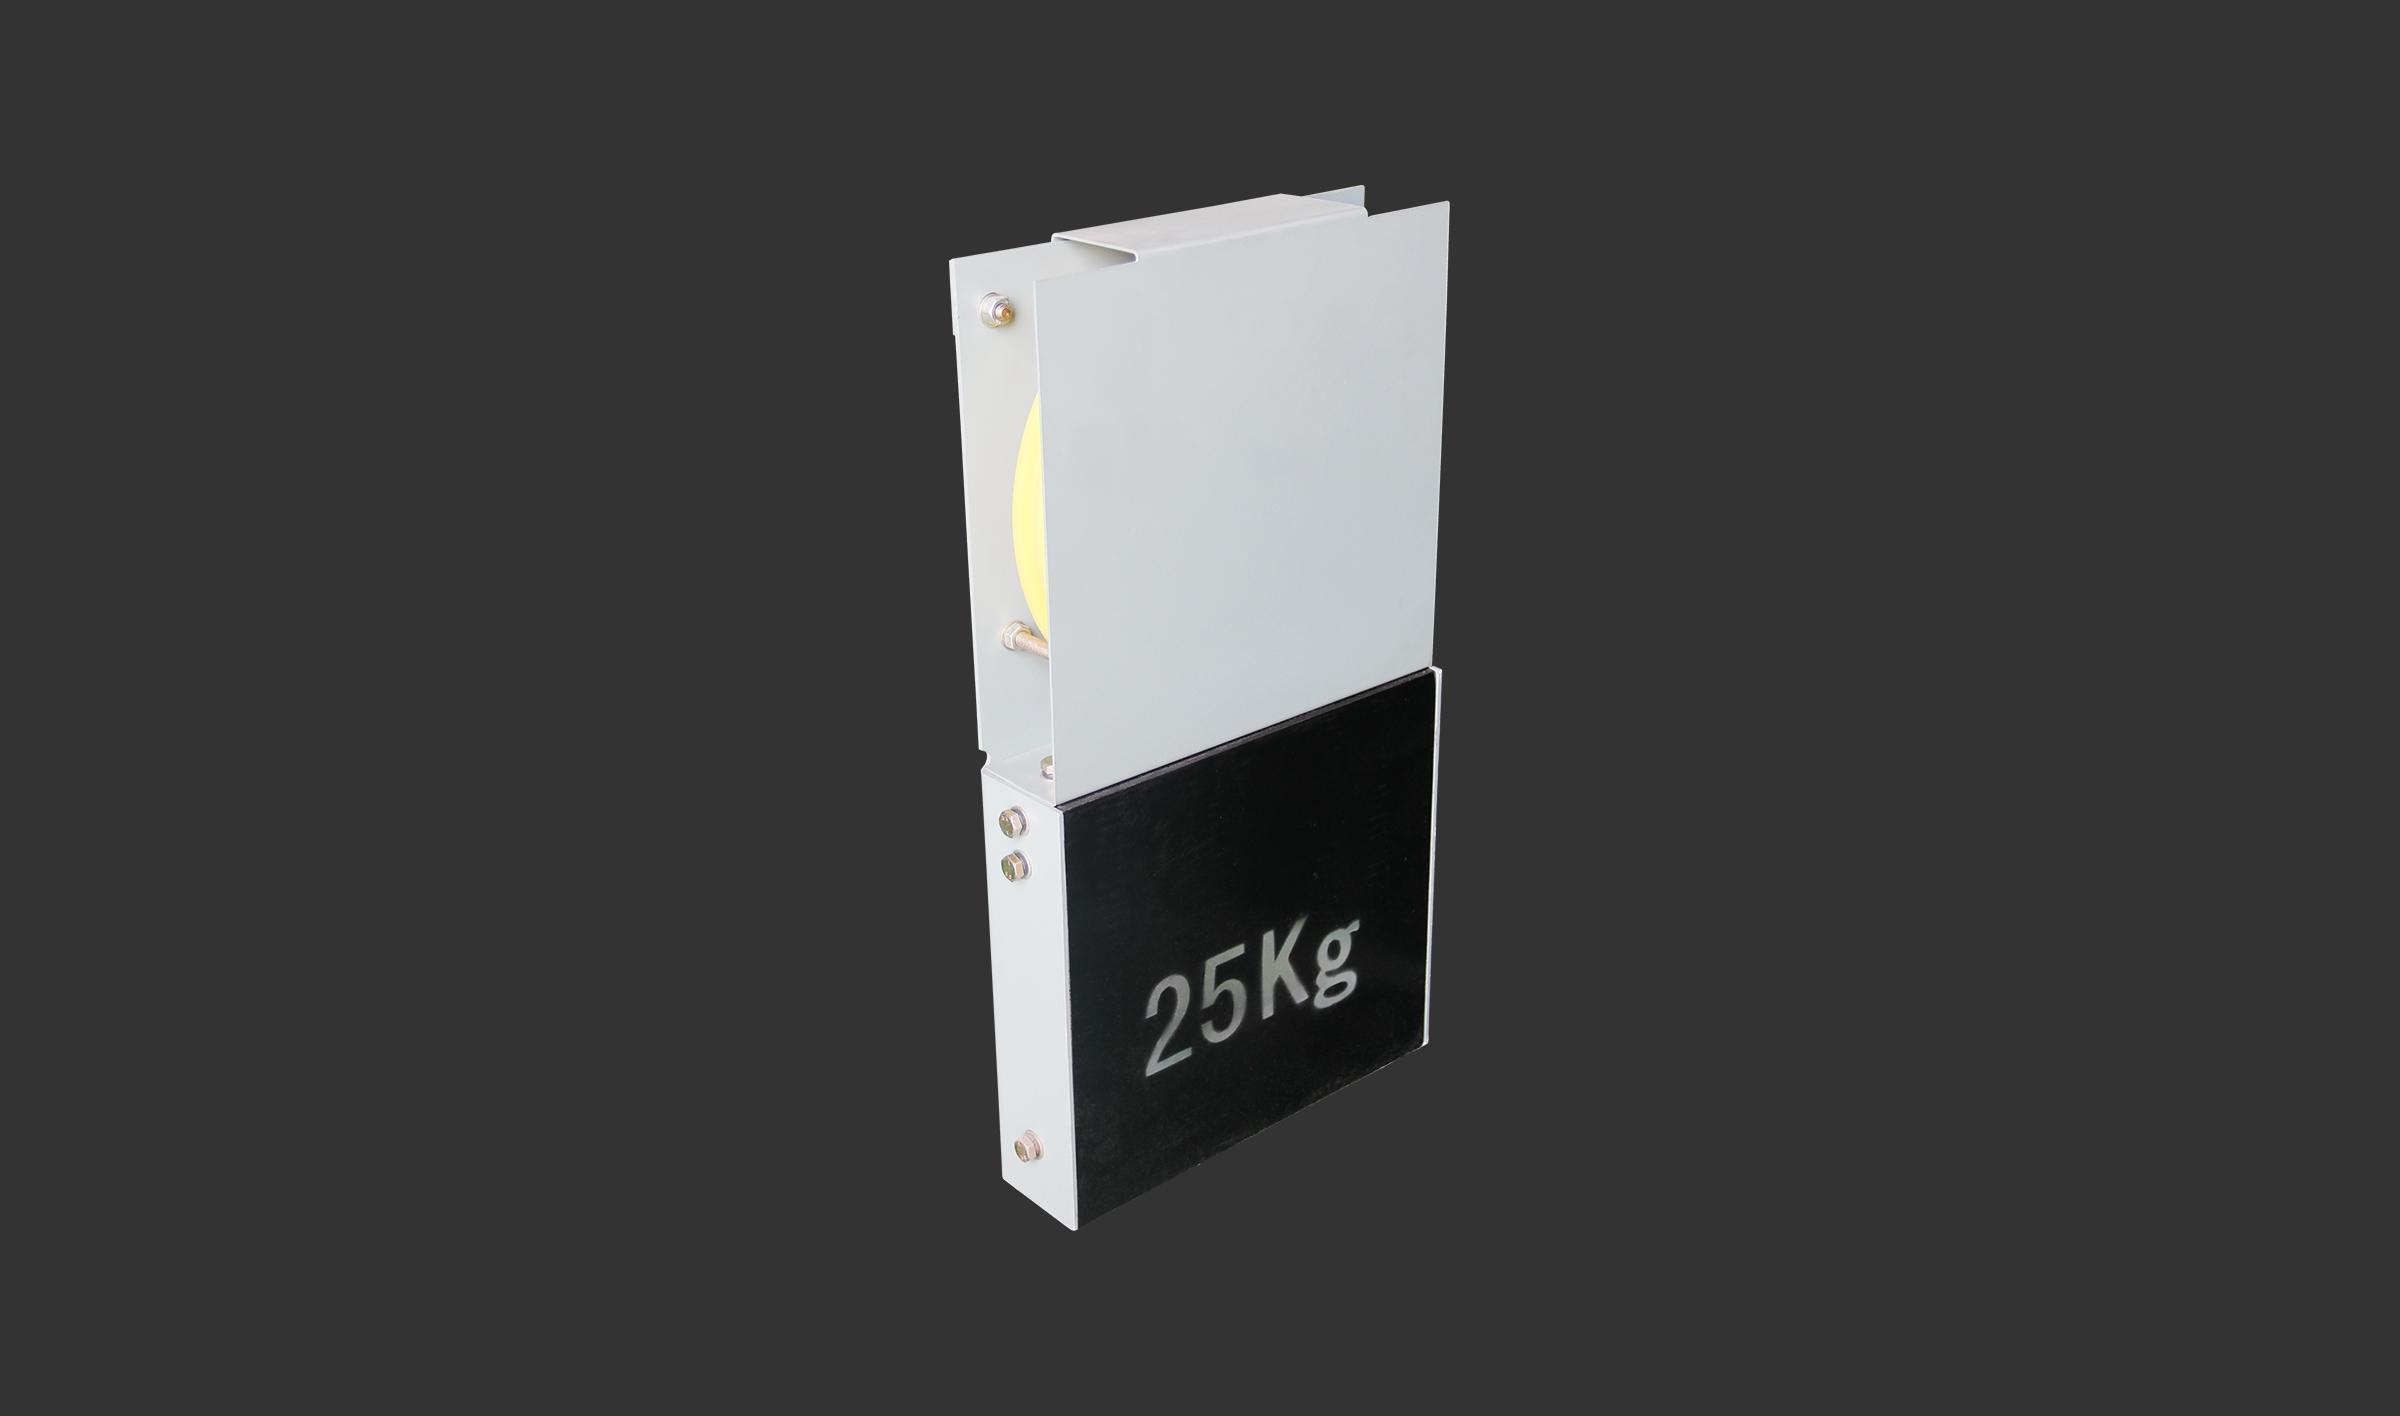 涨紧轮装置(25KG)